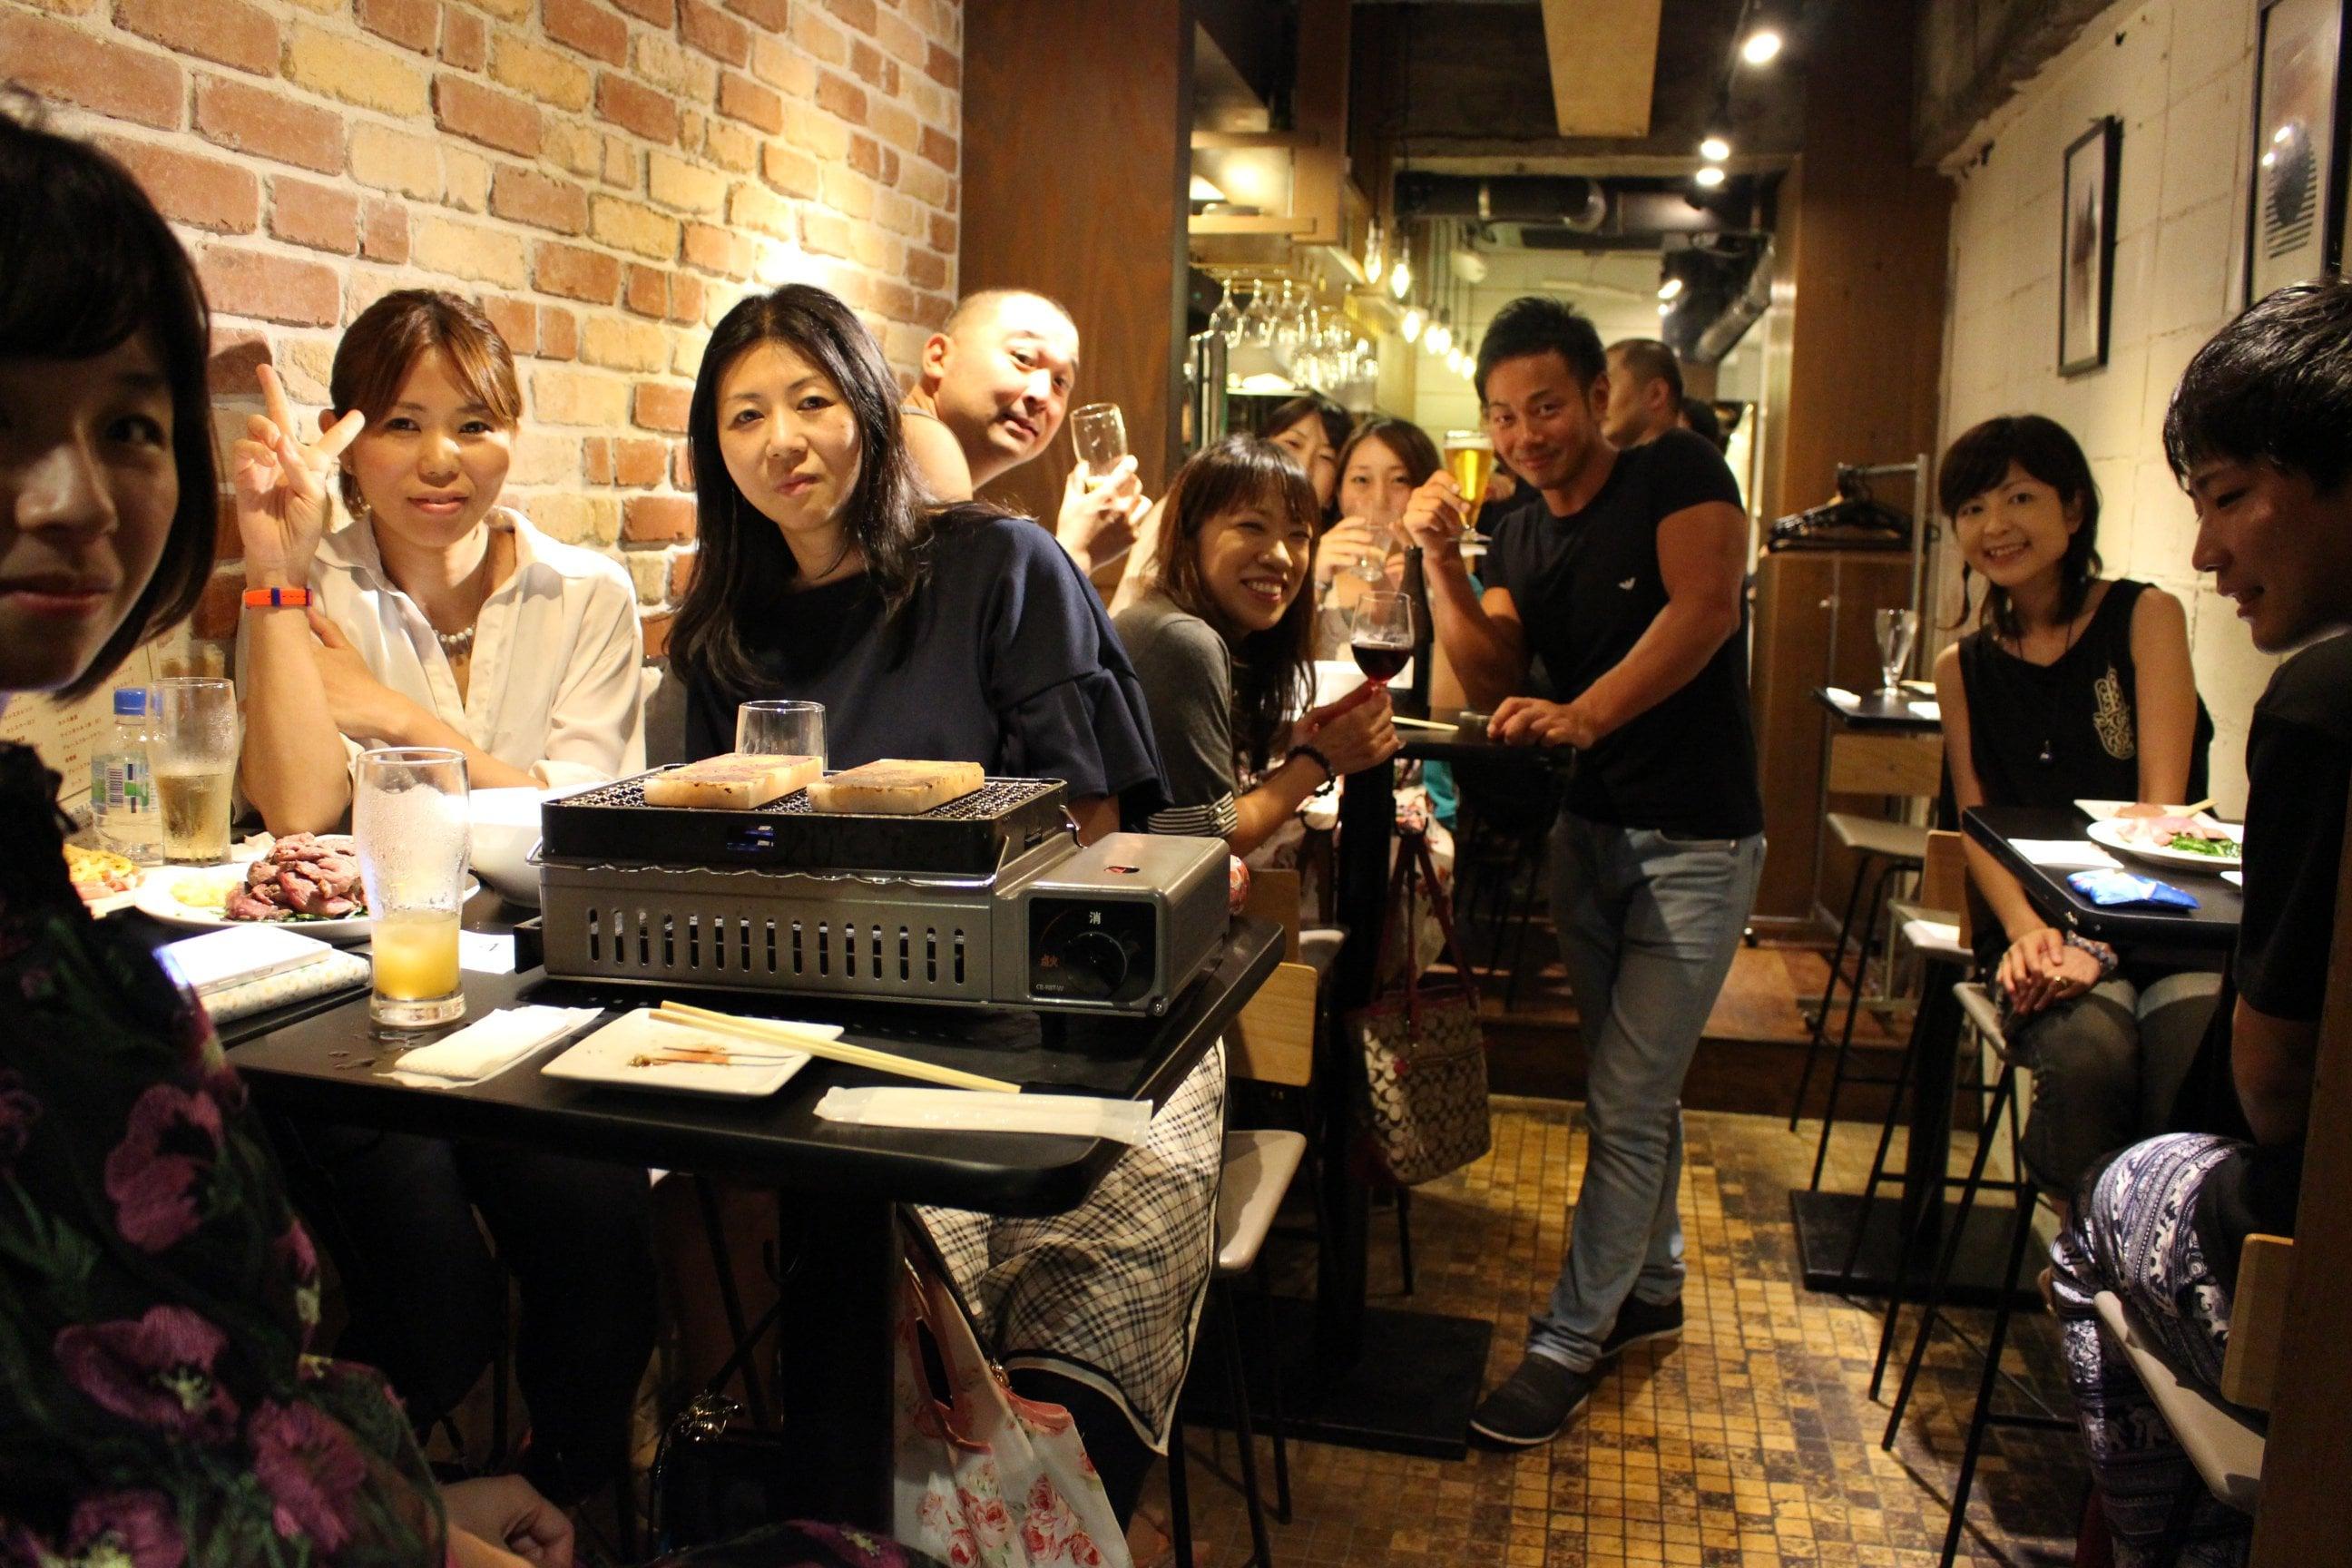 [一般専用]限定20席!ドラゴンゲートディナーイベント・土井吉 in 肉のヒマラヤTEPPAN 赤坂(第一部18時スタート)のイメージその2